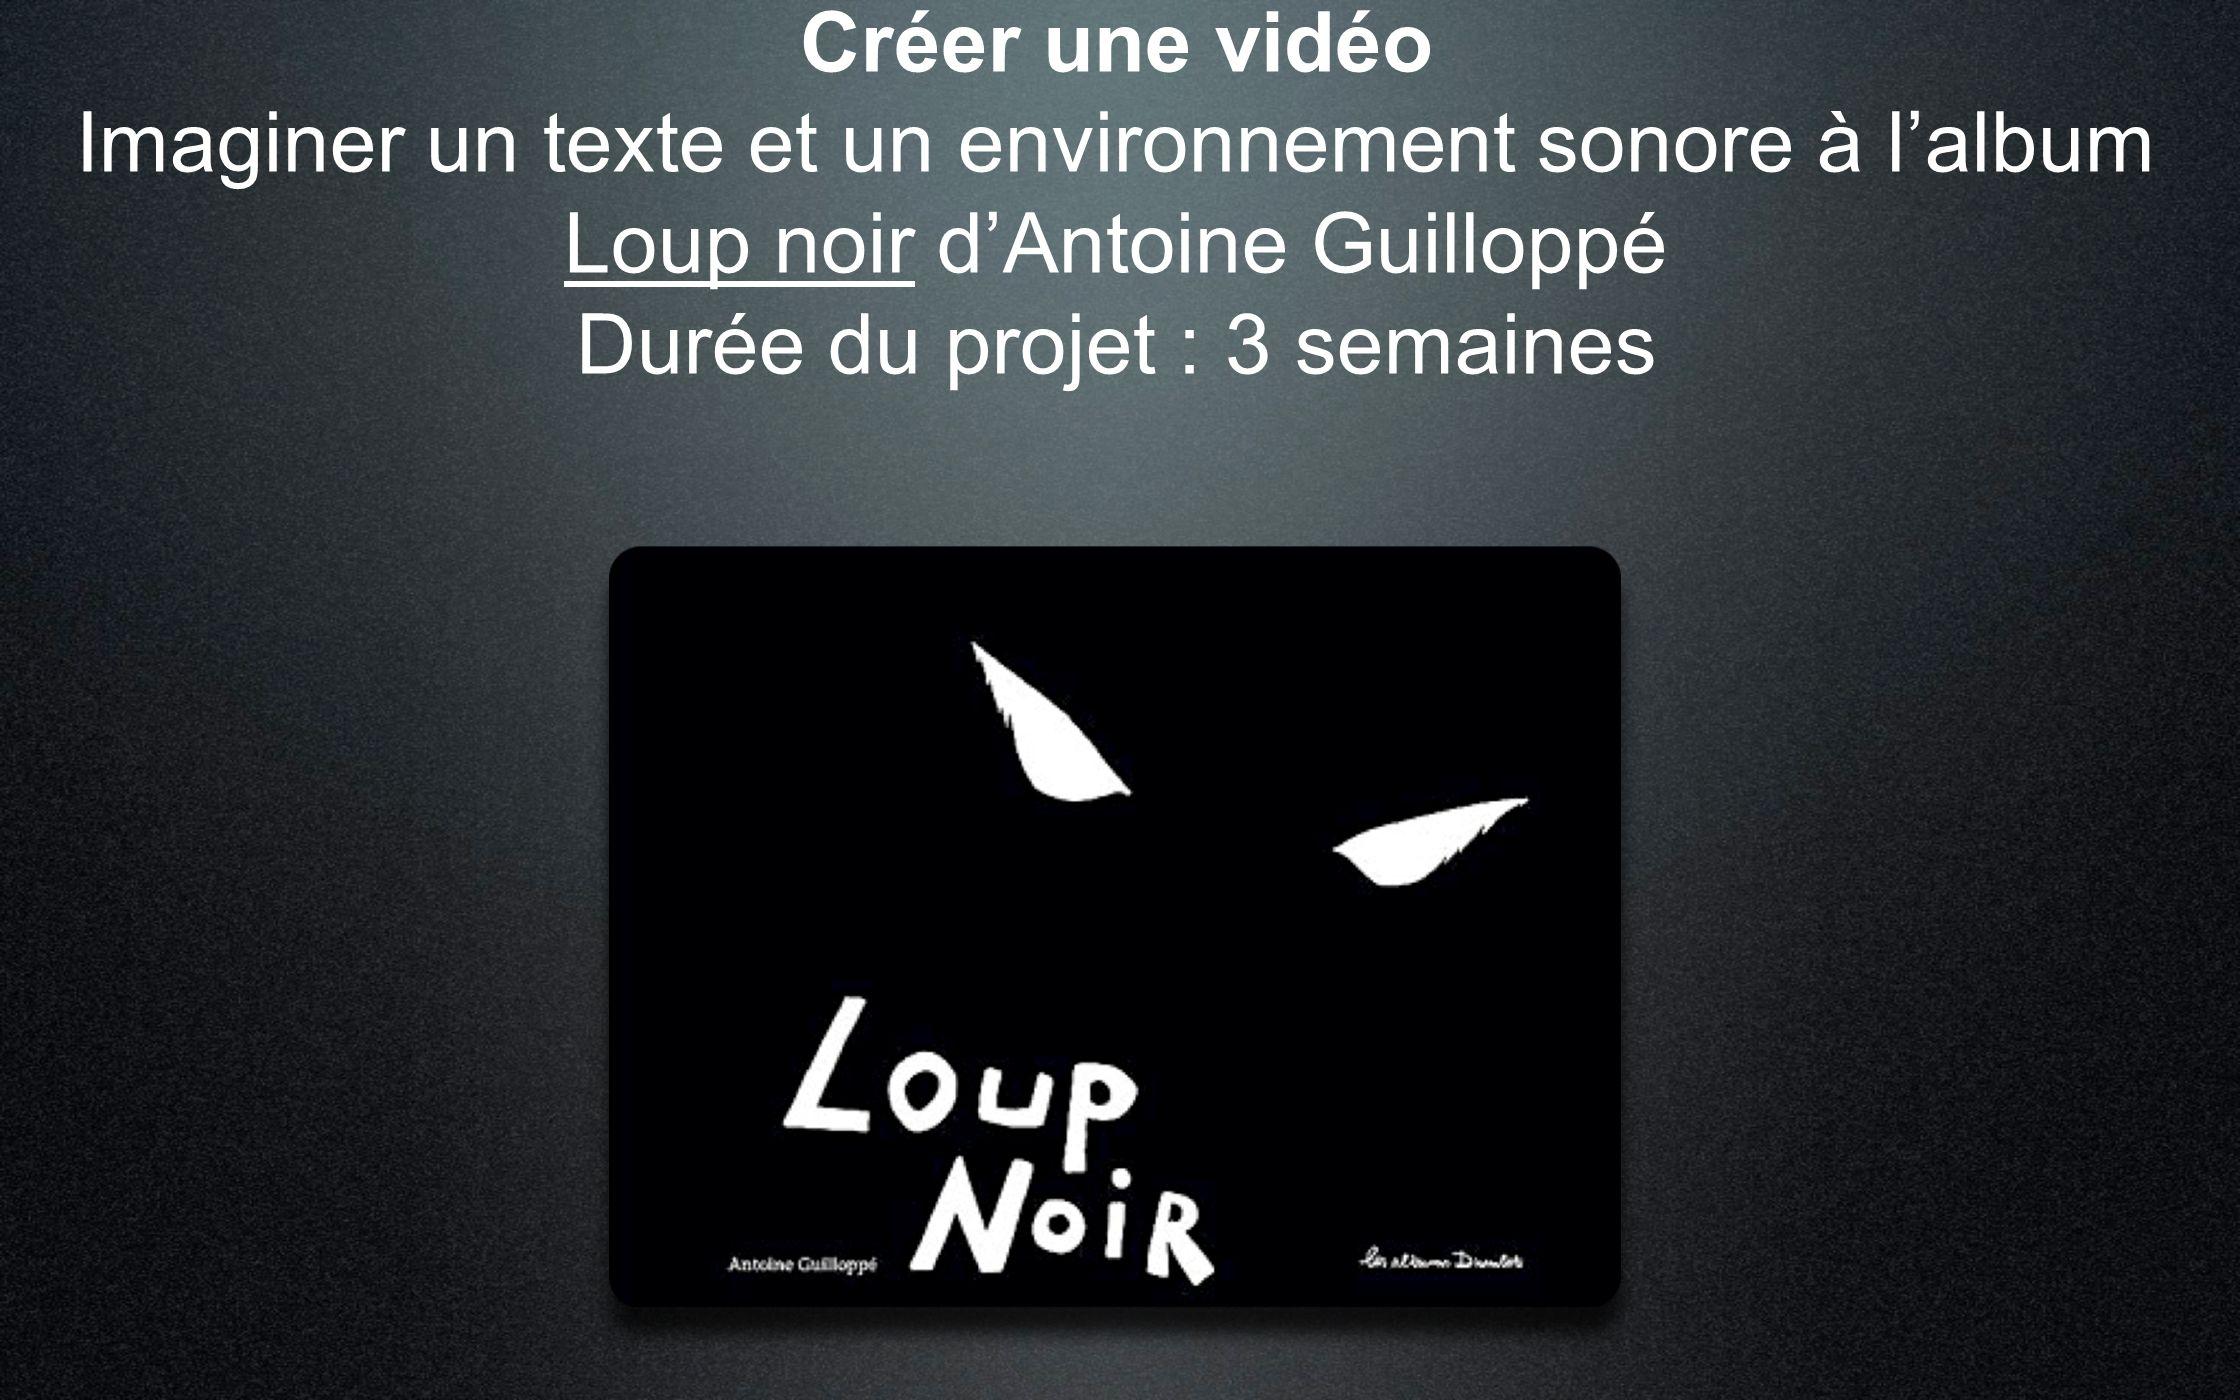 Créer une vidéo Imaginer un texte et un environnement sonore à l'album Loup noir d'Antoine Guilloppé Durée du projet : 3 semaines